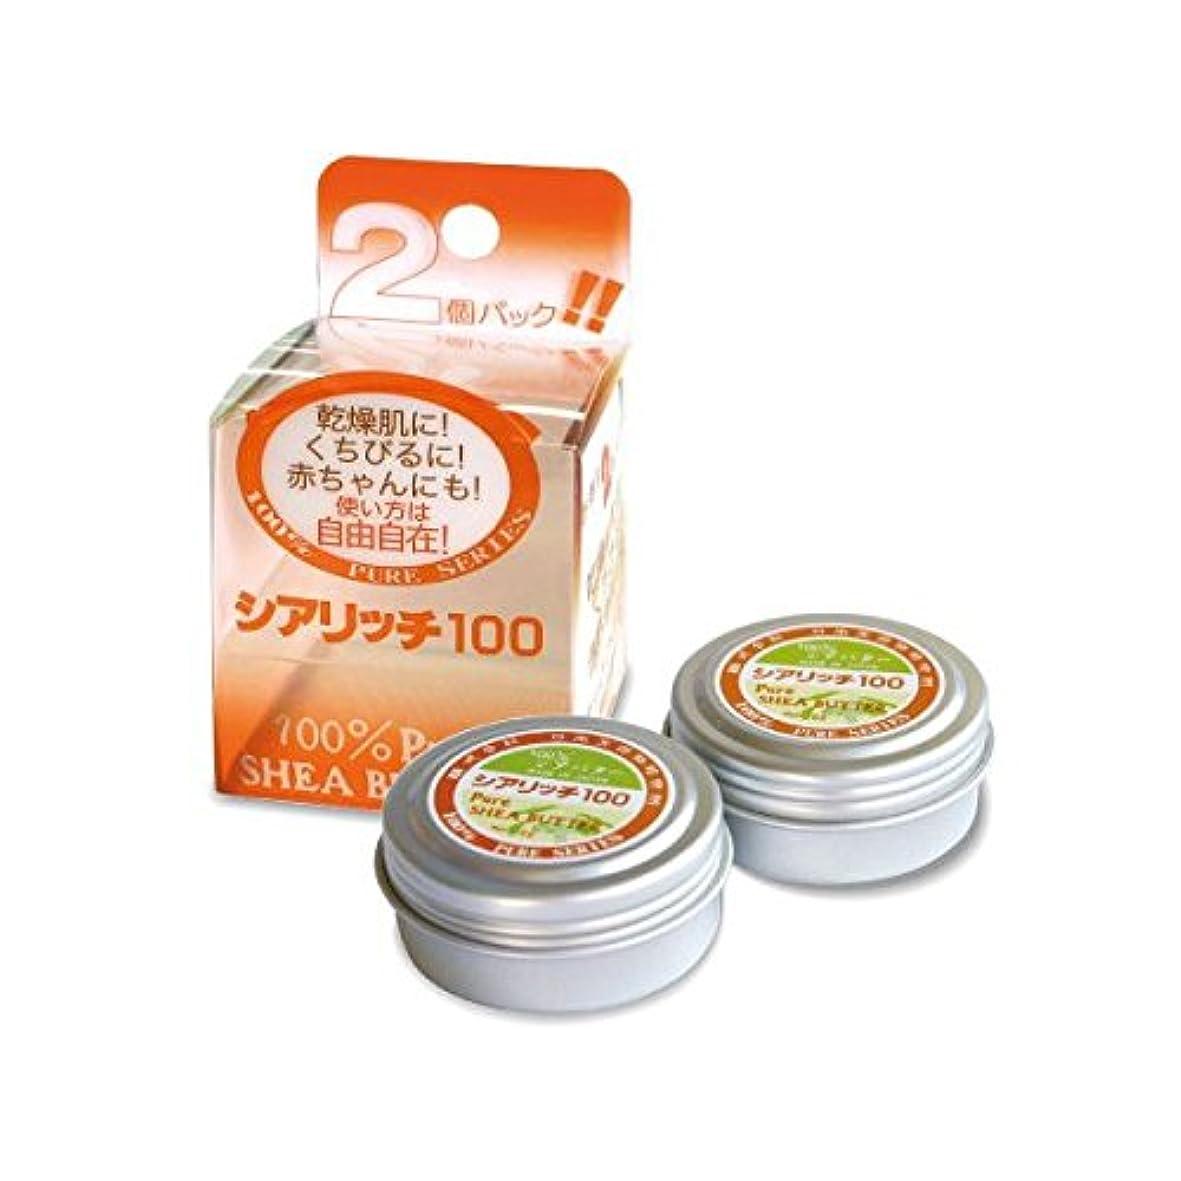 ミス教会余分な日本天然物研究所 シアリッチ100 (8g×2個入り)【単品】(無添加100%シアバター)無香料